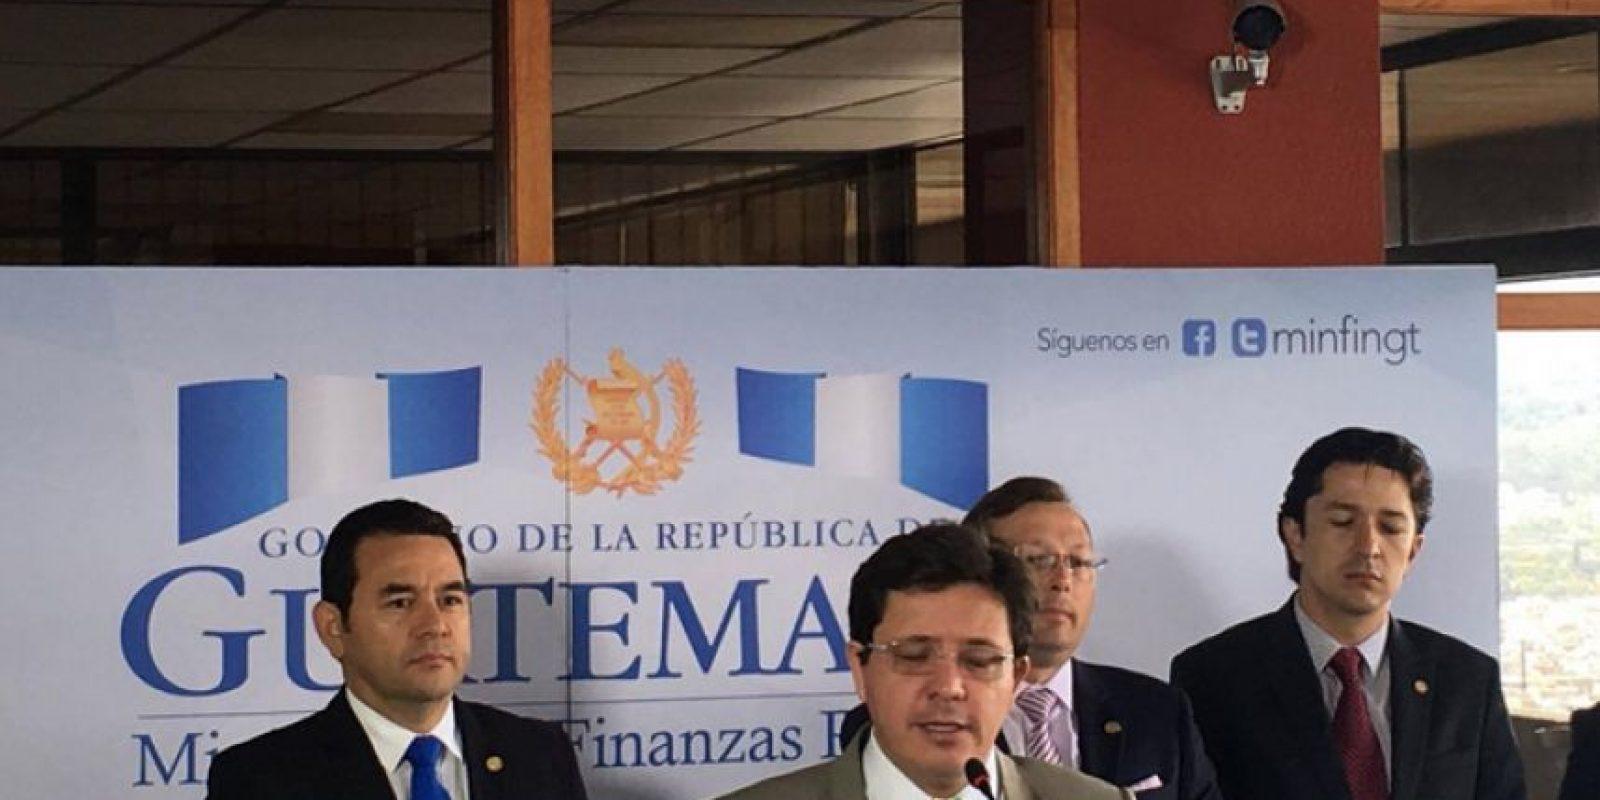 Julio Héctor Estrada, ministro de Finanzas, presenta propuestas de reforma fiscal al mandatario Foto:Amilcar Avila